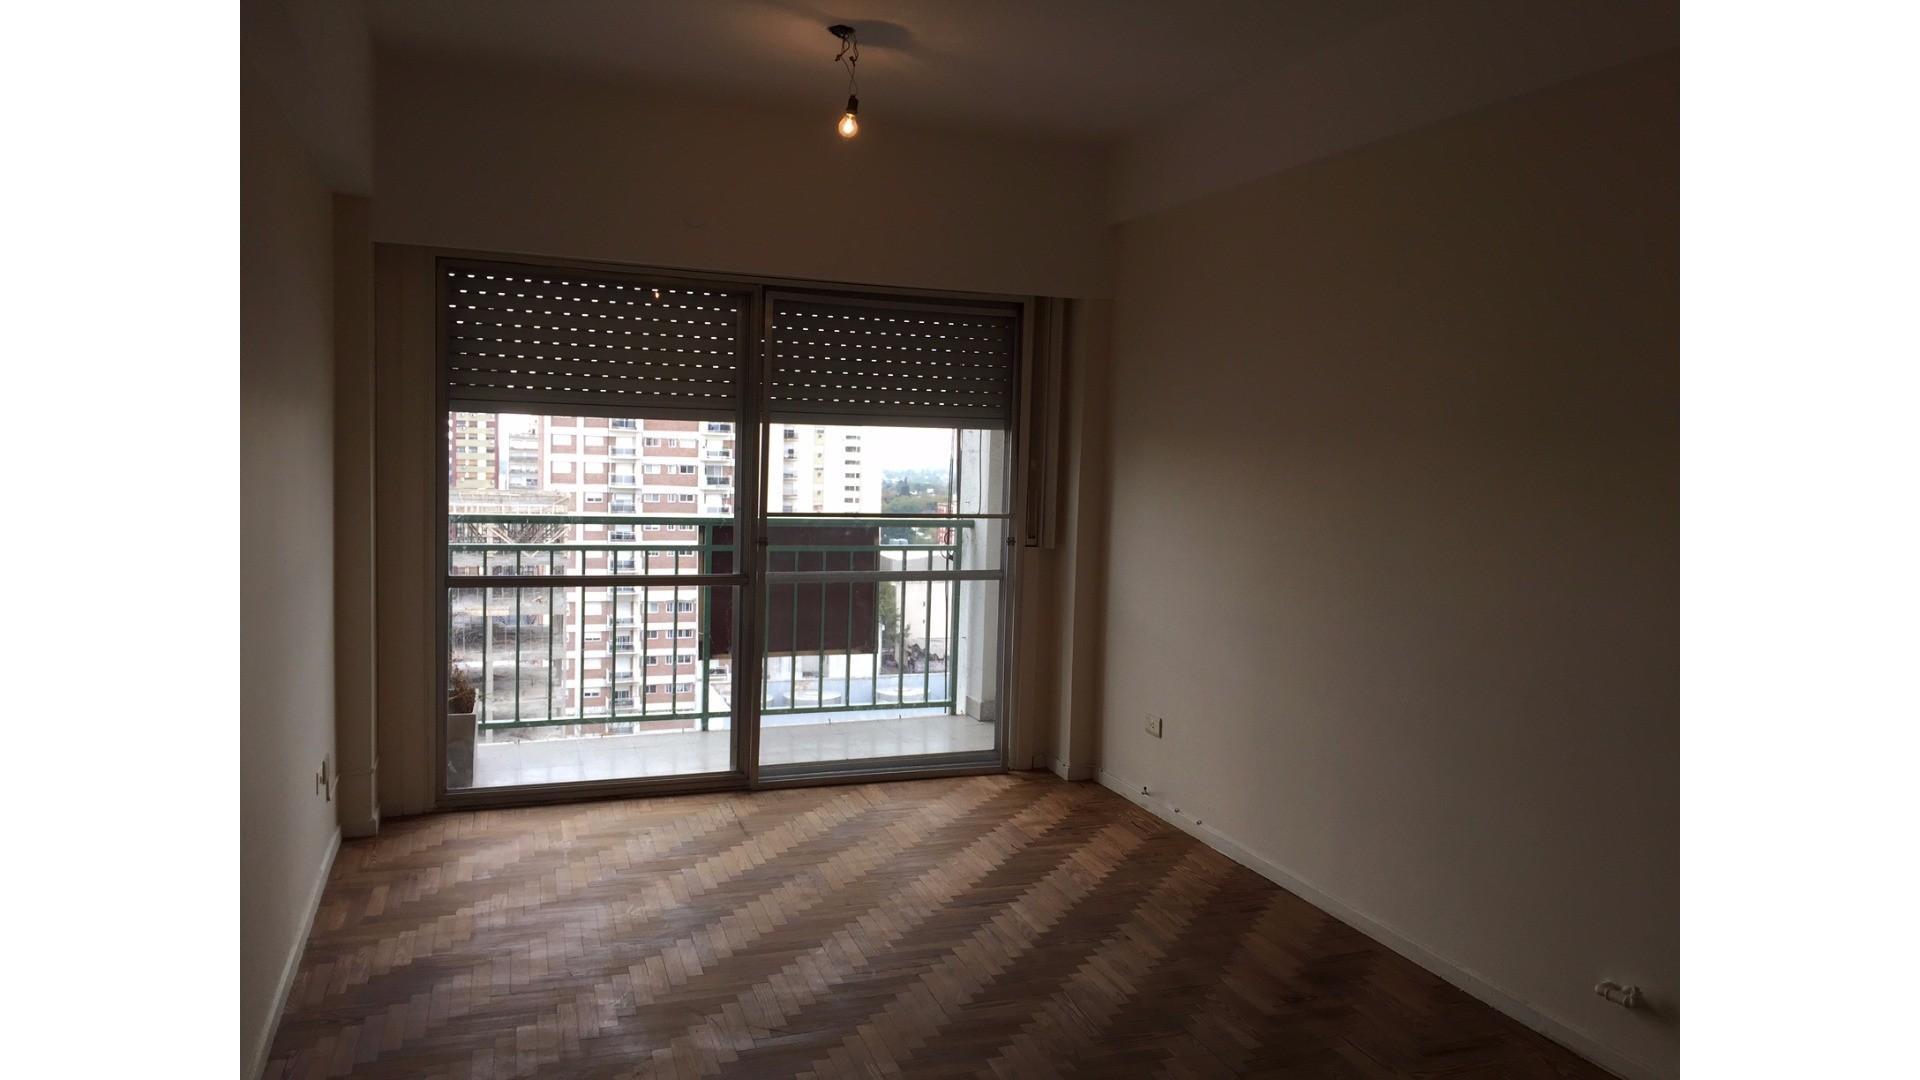 Departamento de 2 ambientes - Lavalle al 600, Quilmes Centro